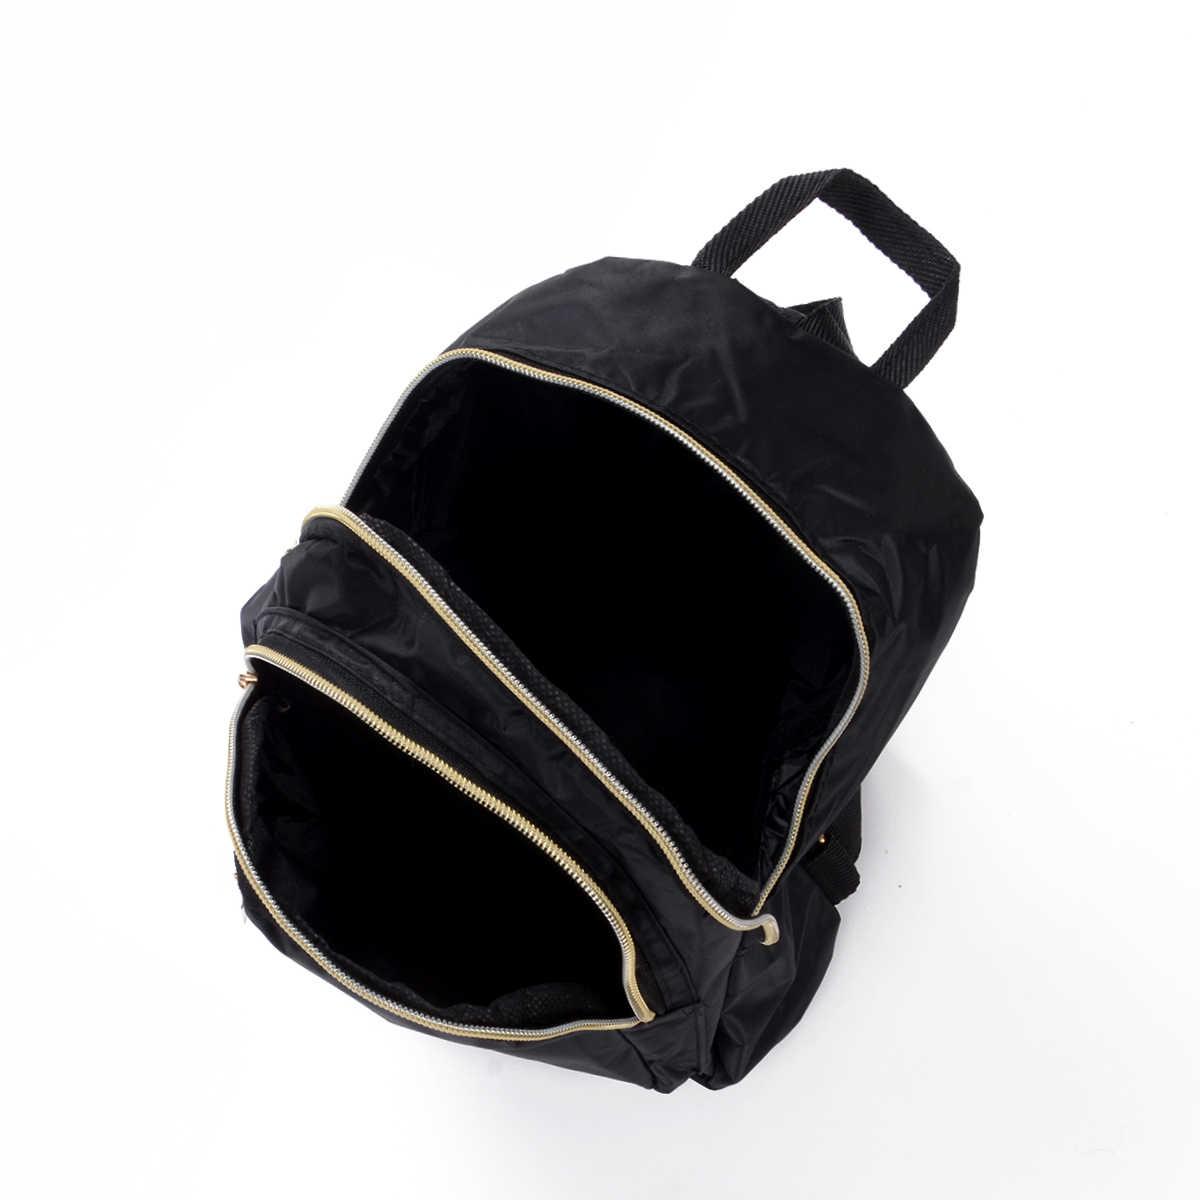 Yerel stok rahat Oxford sırt çantası kadın siyah su geçirmez naylon okul çantaları genç kızlar için yüksek kaliteli seyahat Tote sırt çantası